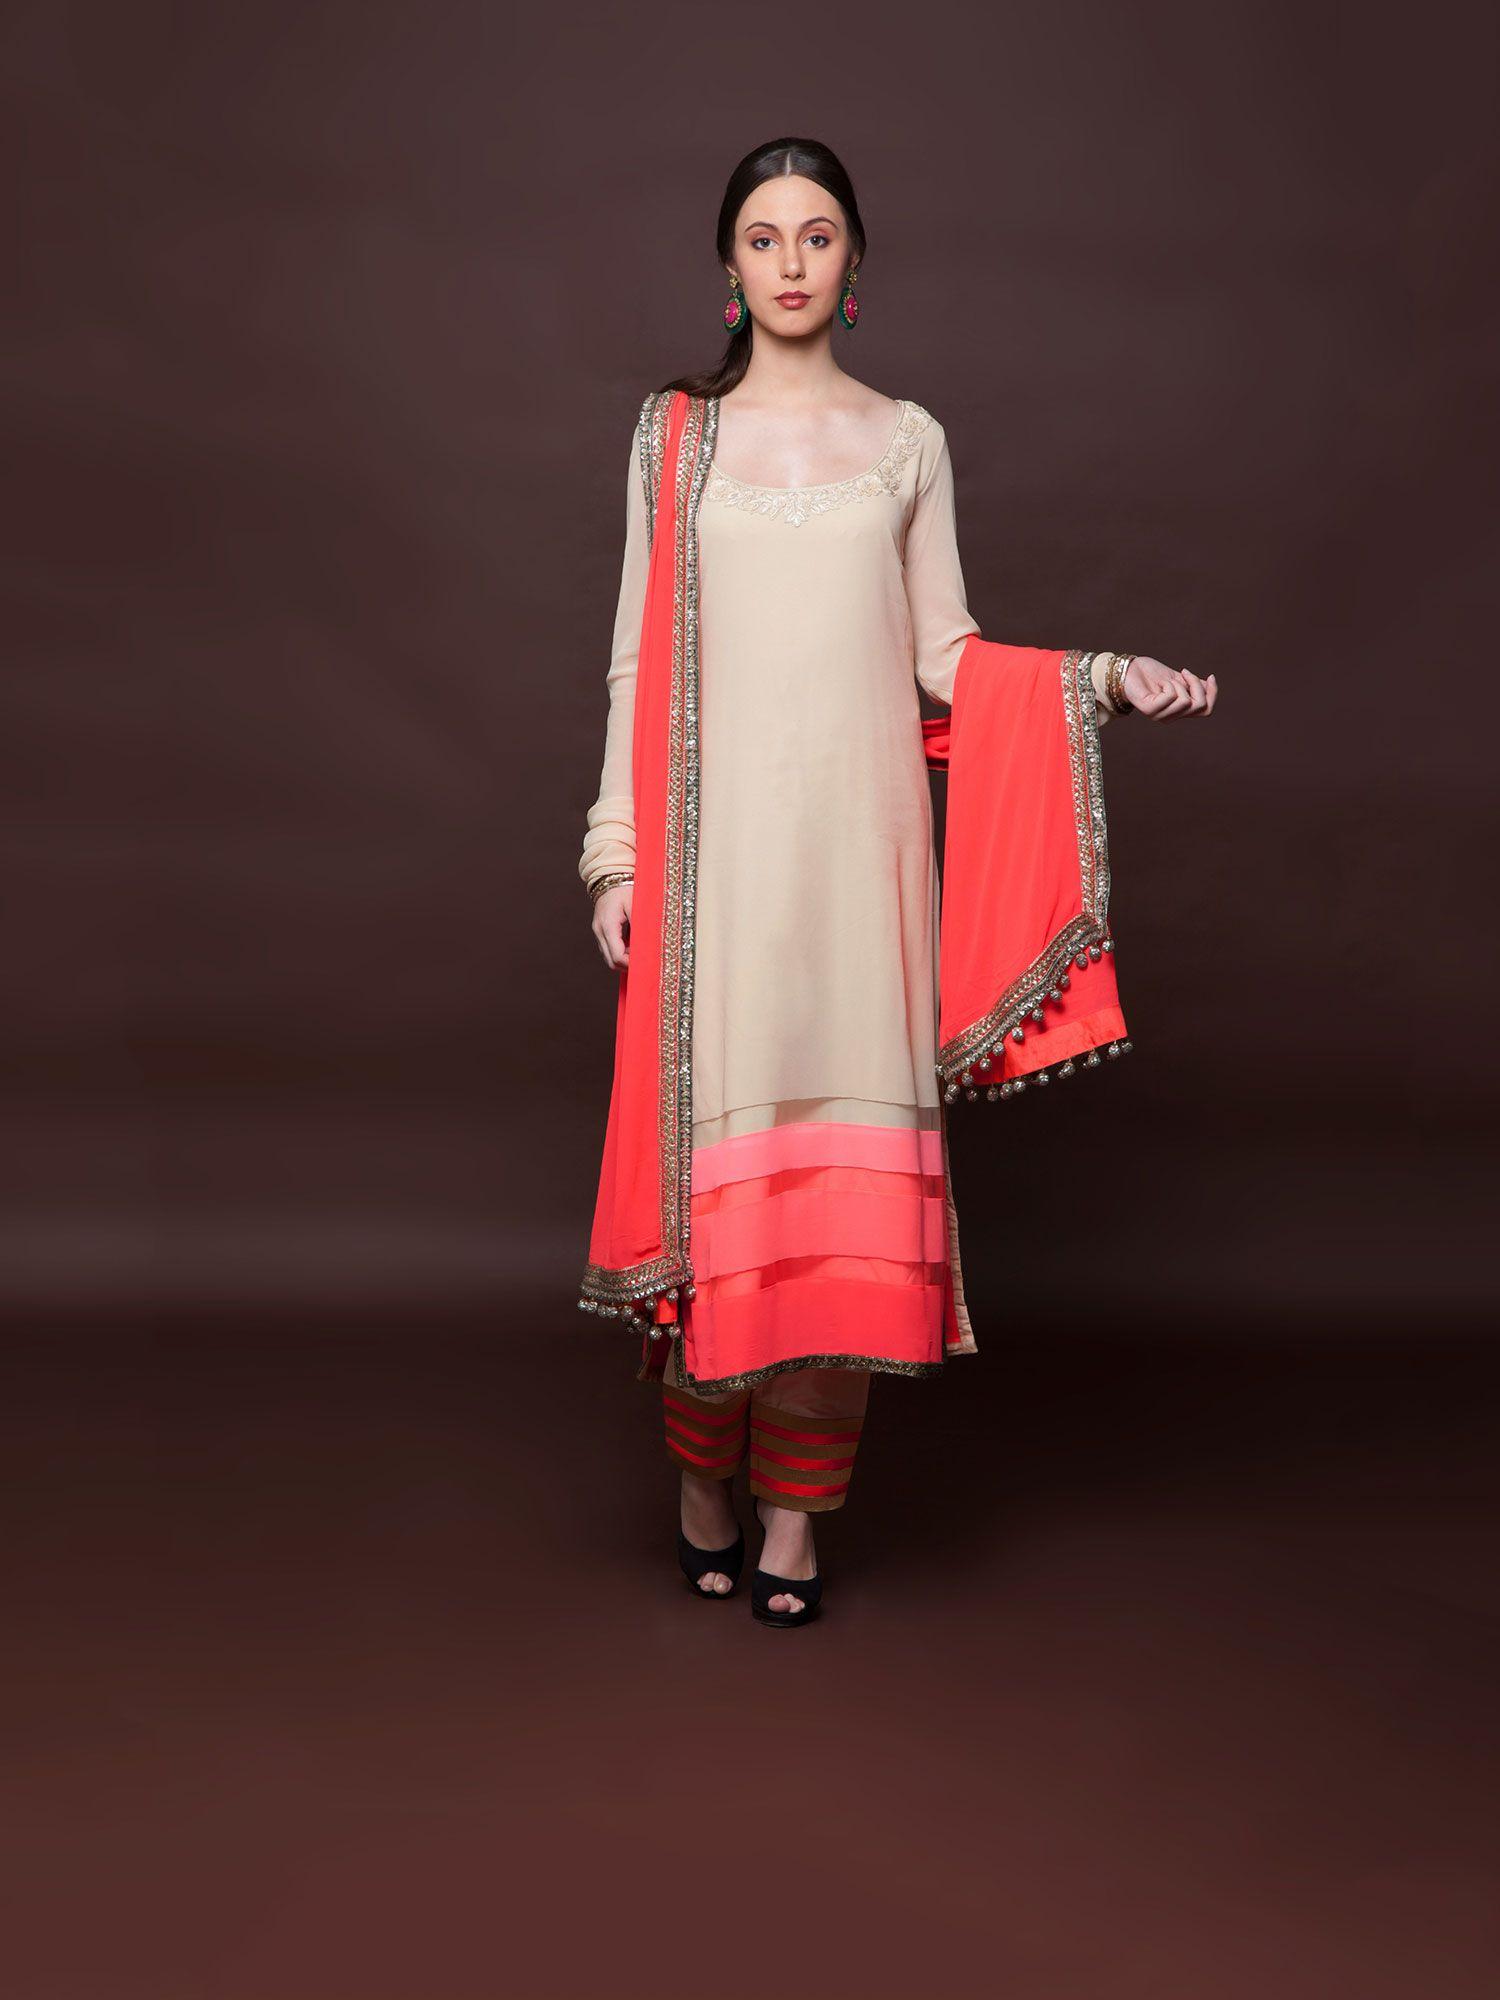 Manish malhotra churidar kurta ethnic pinterest manish